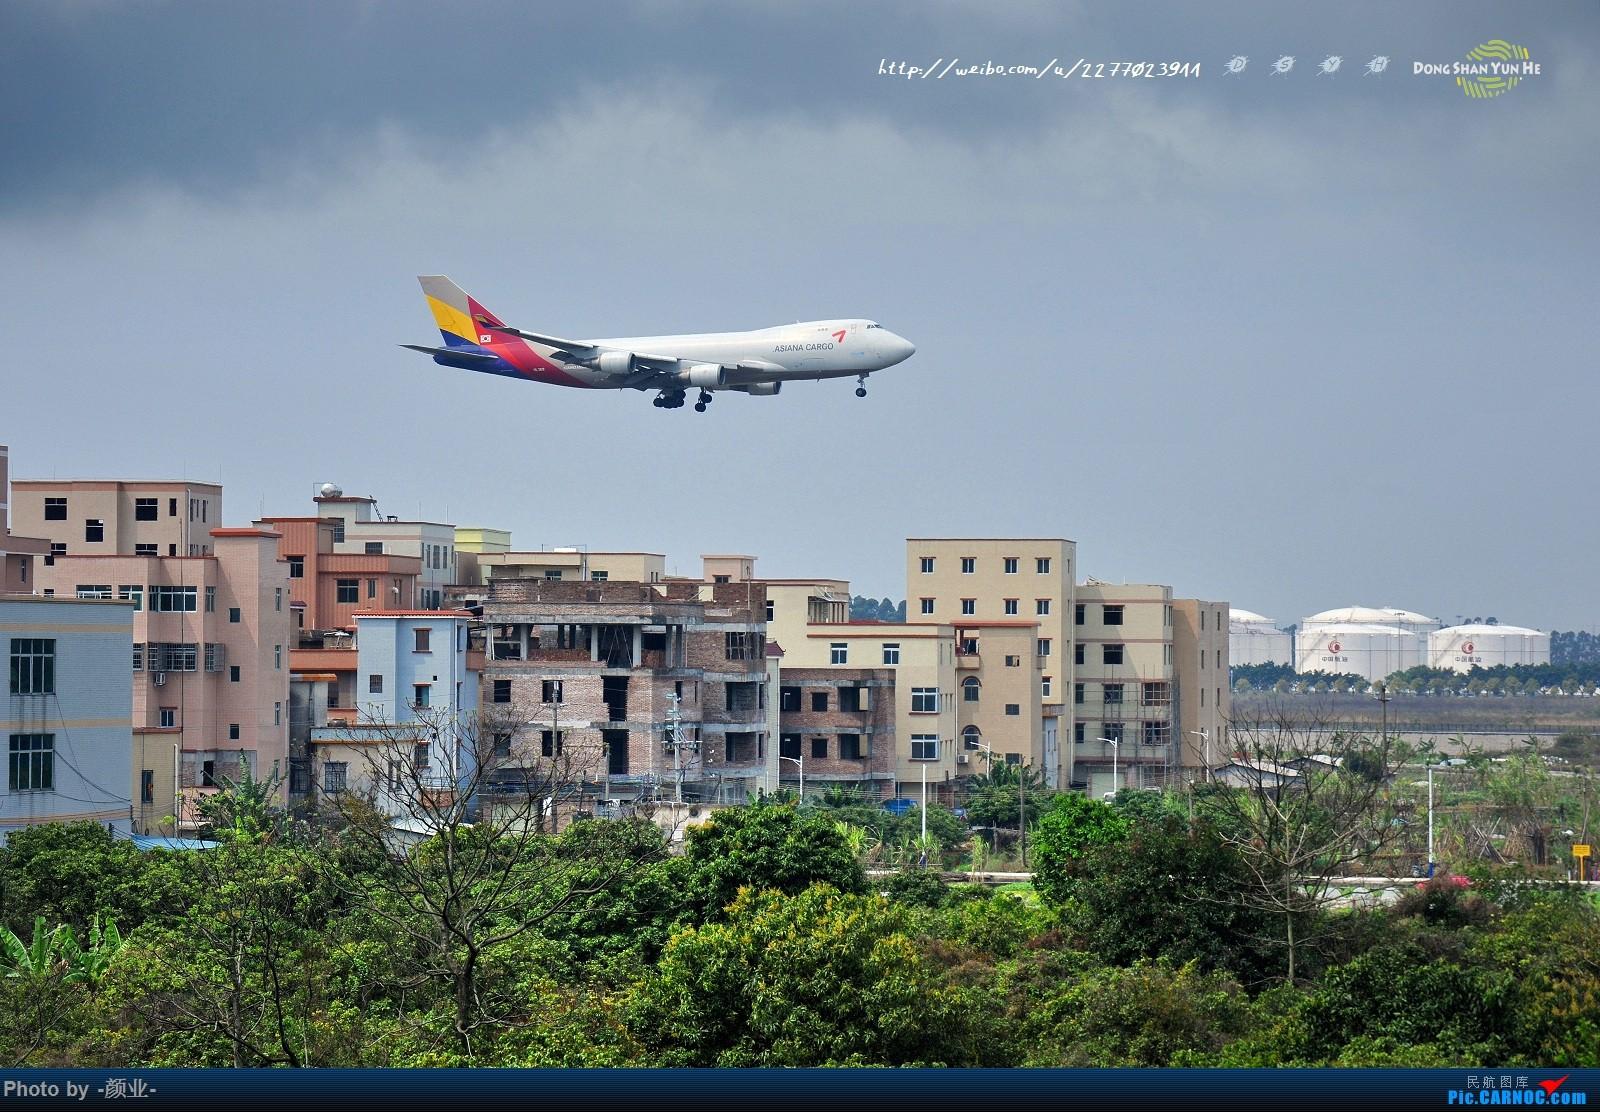 Re:[原创]2011-2016我的打灰机心情[广州] BOEING 747-400 HL7419 中国广州白云国际机场